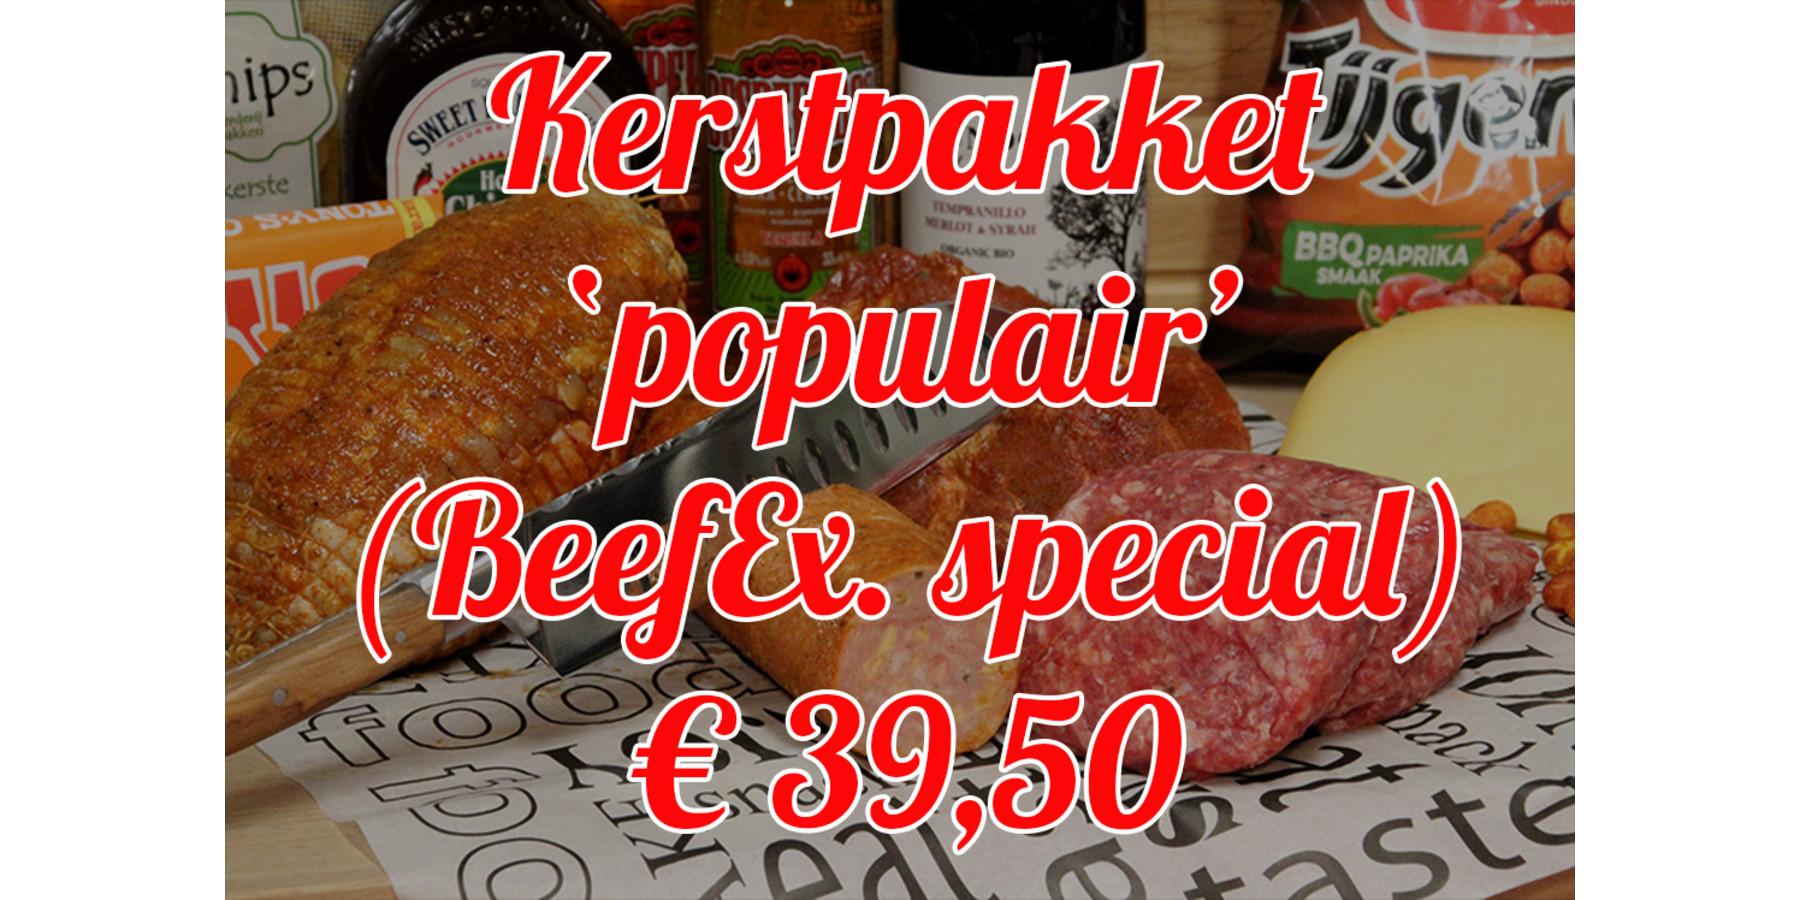 Kerstpakket Populair (BeefEx. special)